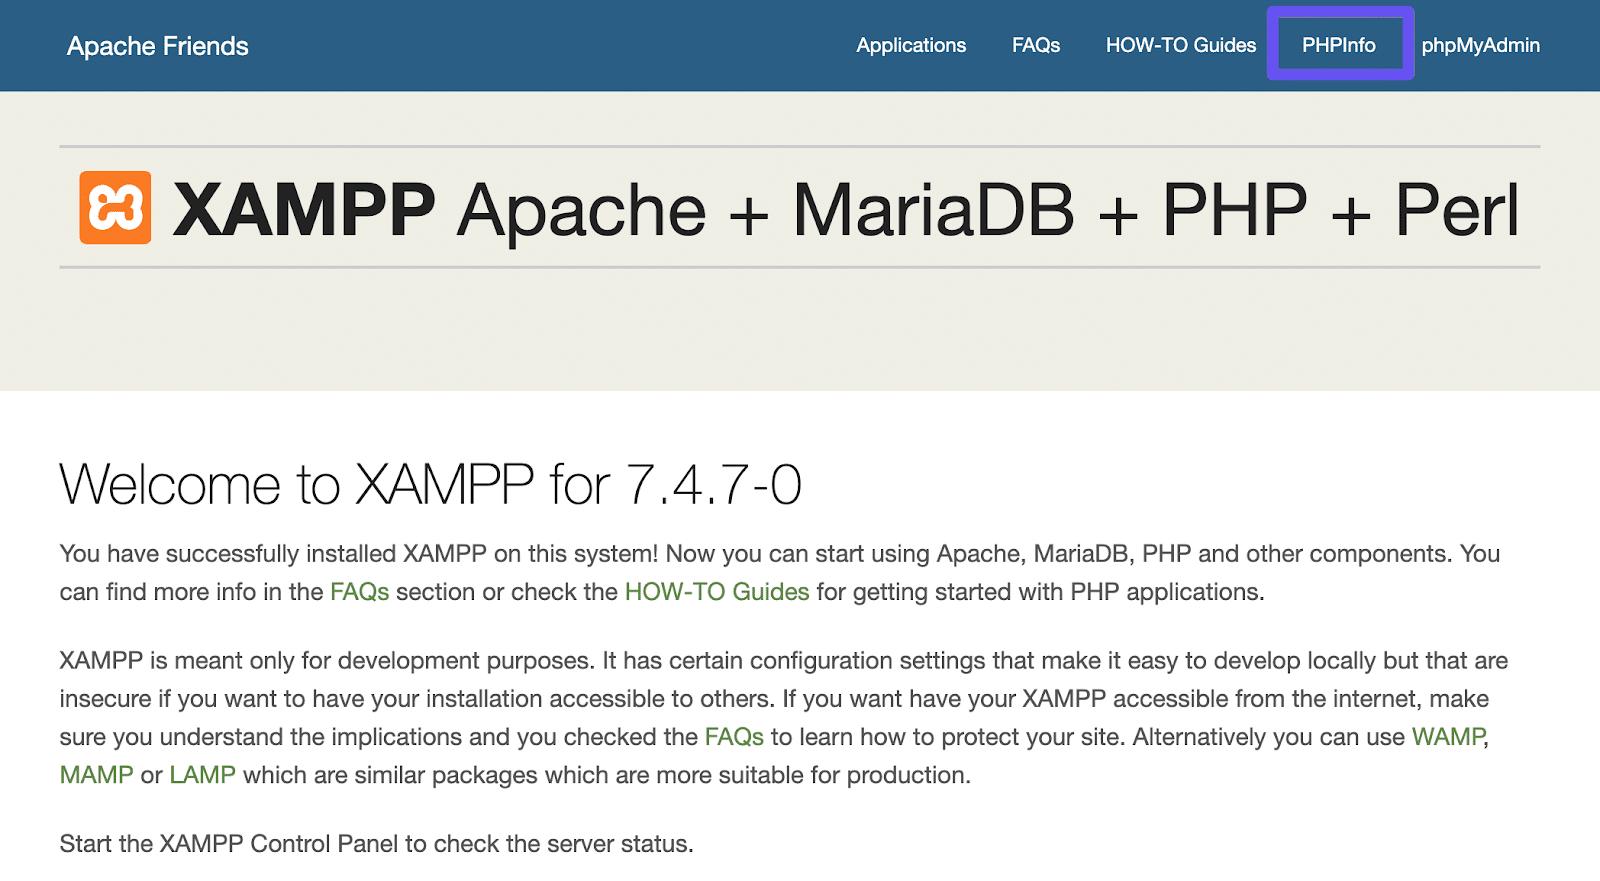 Enlace PHPInfo en el panel de control de XAMPP.